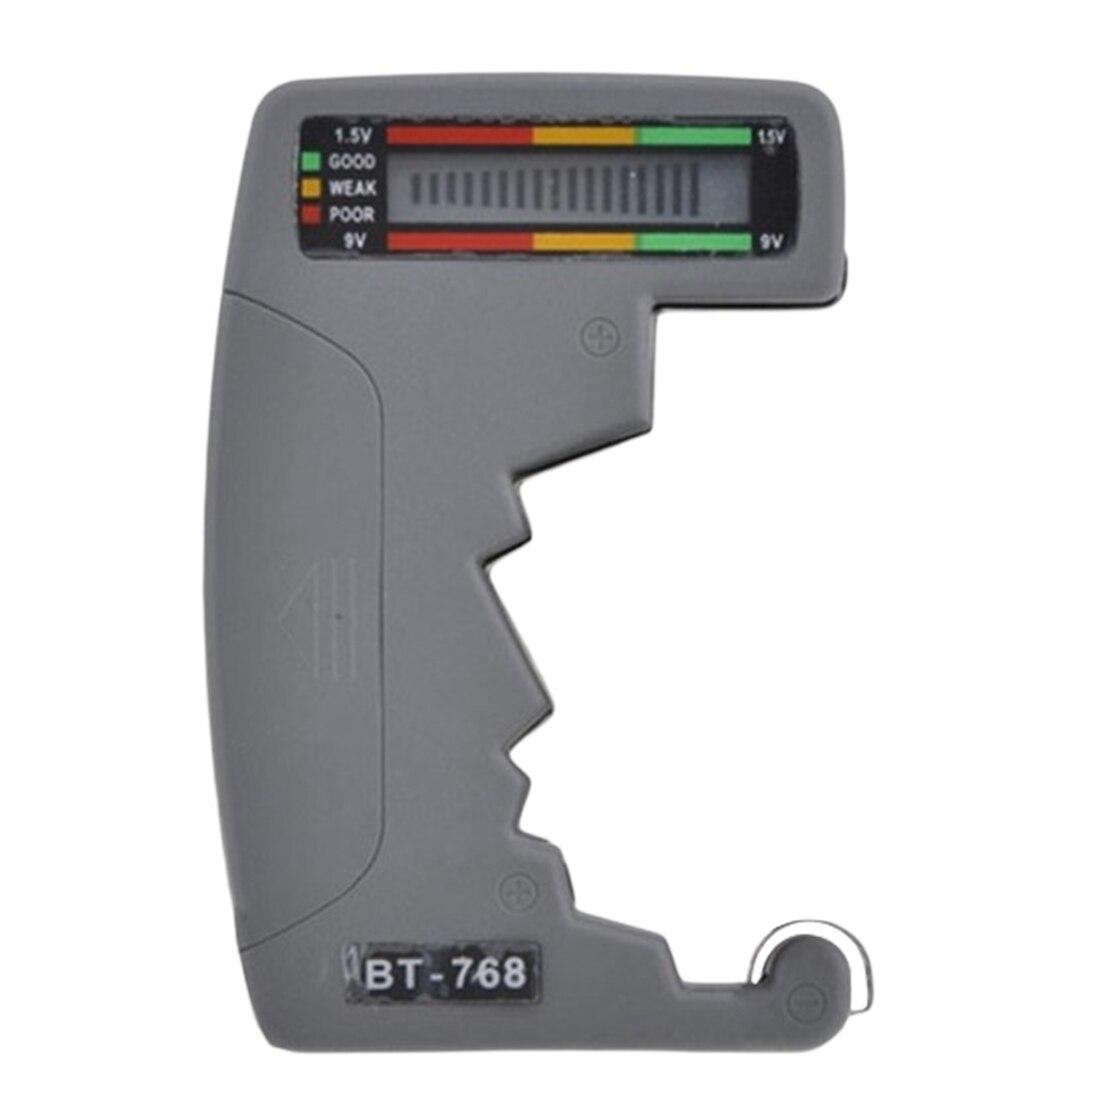 Лучшая емкость Вольт проверки Универсальный ЖК-цифровой тестер батареи для тестирования 9V 1,5 V C AA AAA D щелочные аккумуляторные батареи